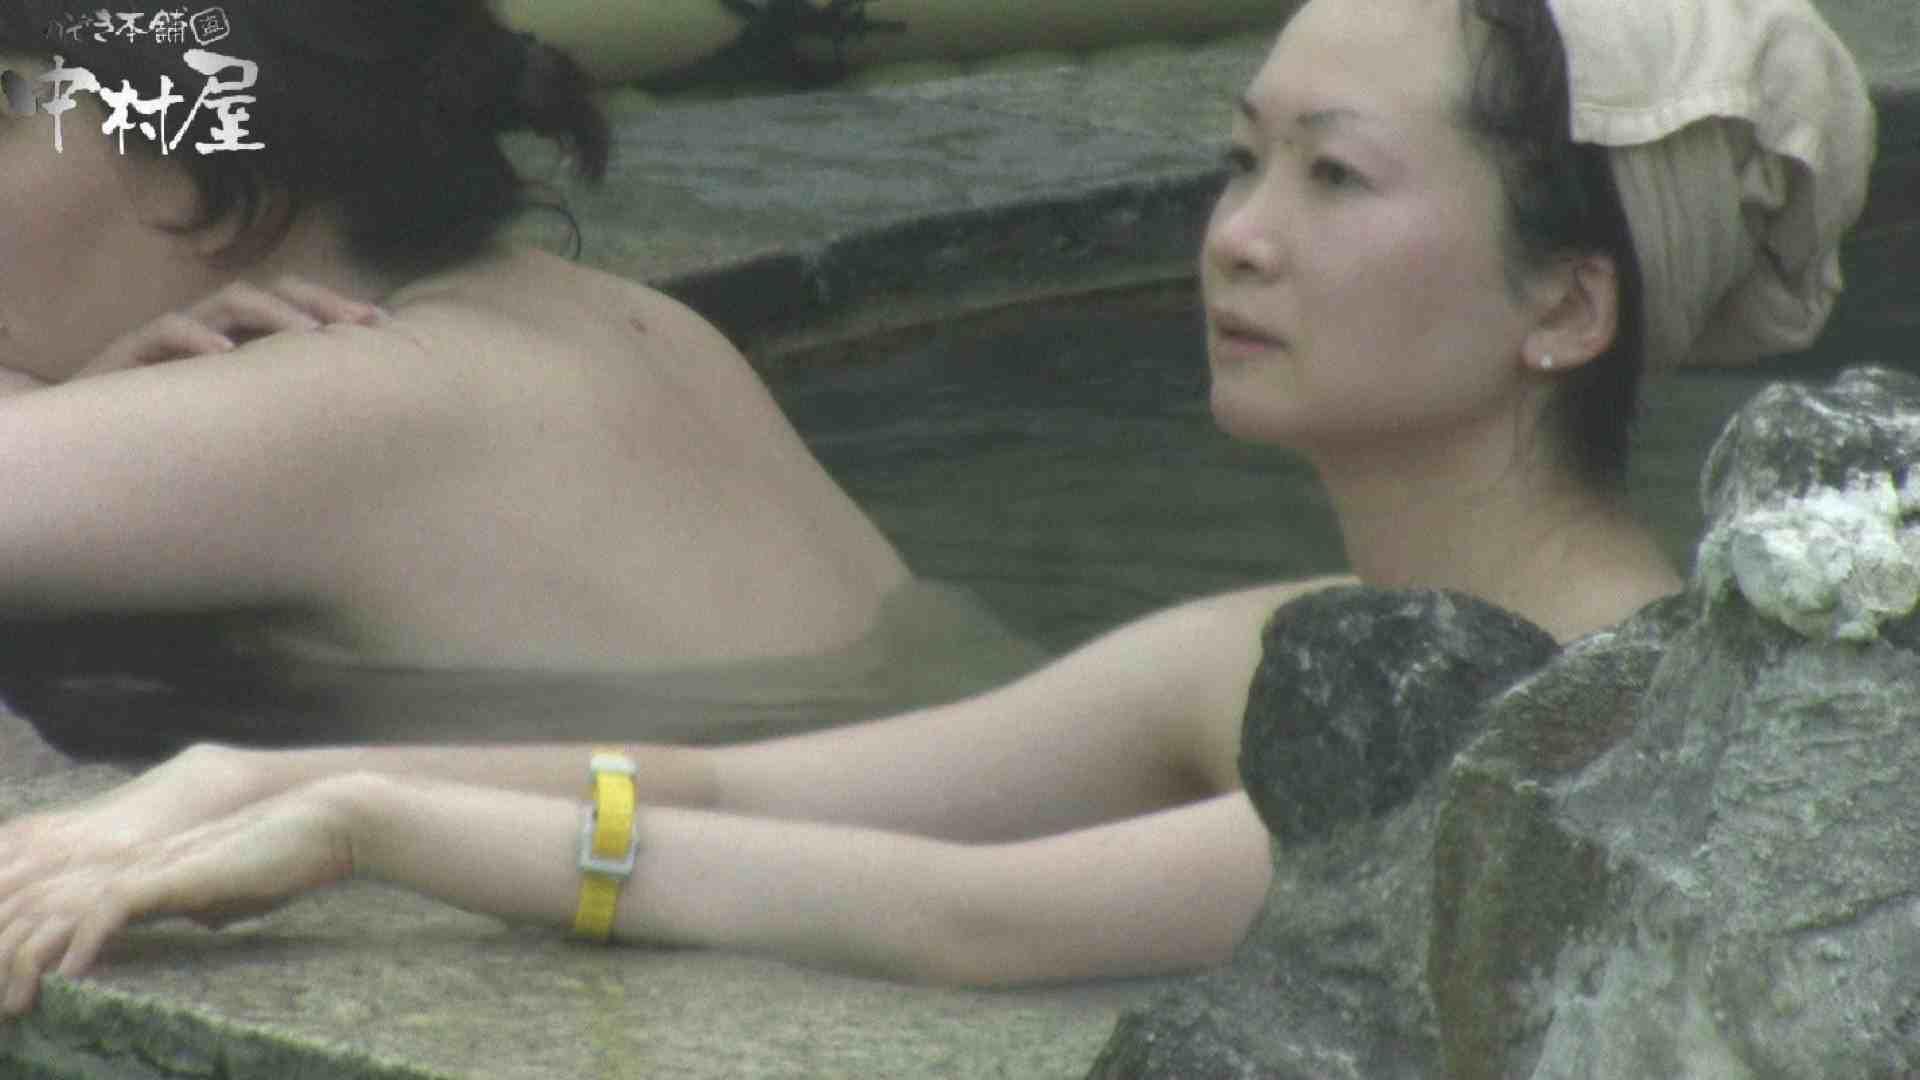 Aquaな露天風呂Vol.906 盗撮大放出 | 0  88連発 53